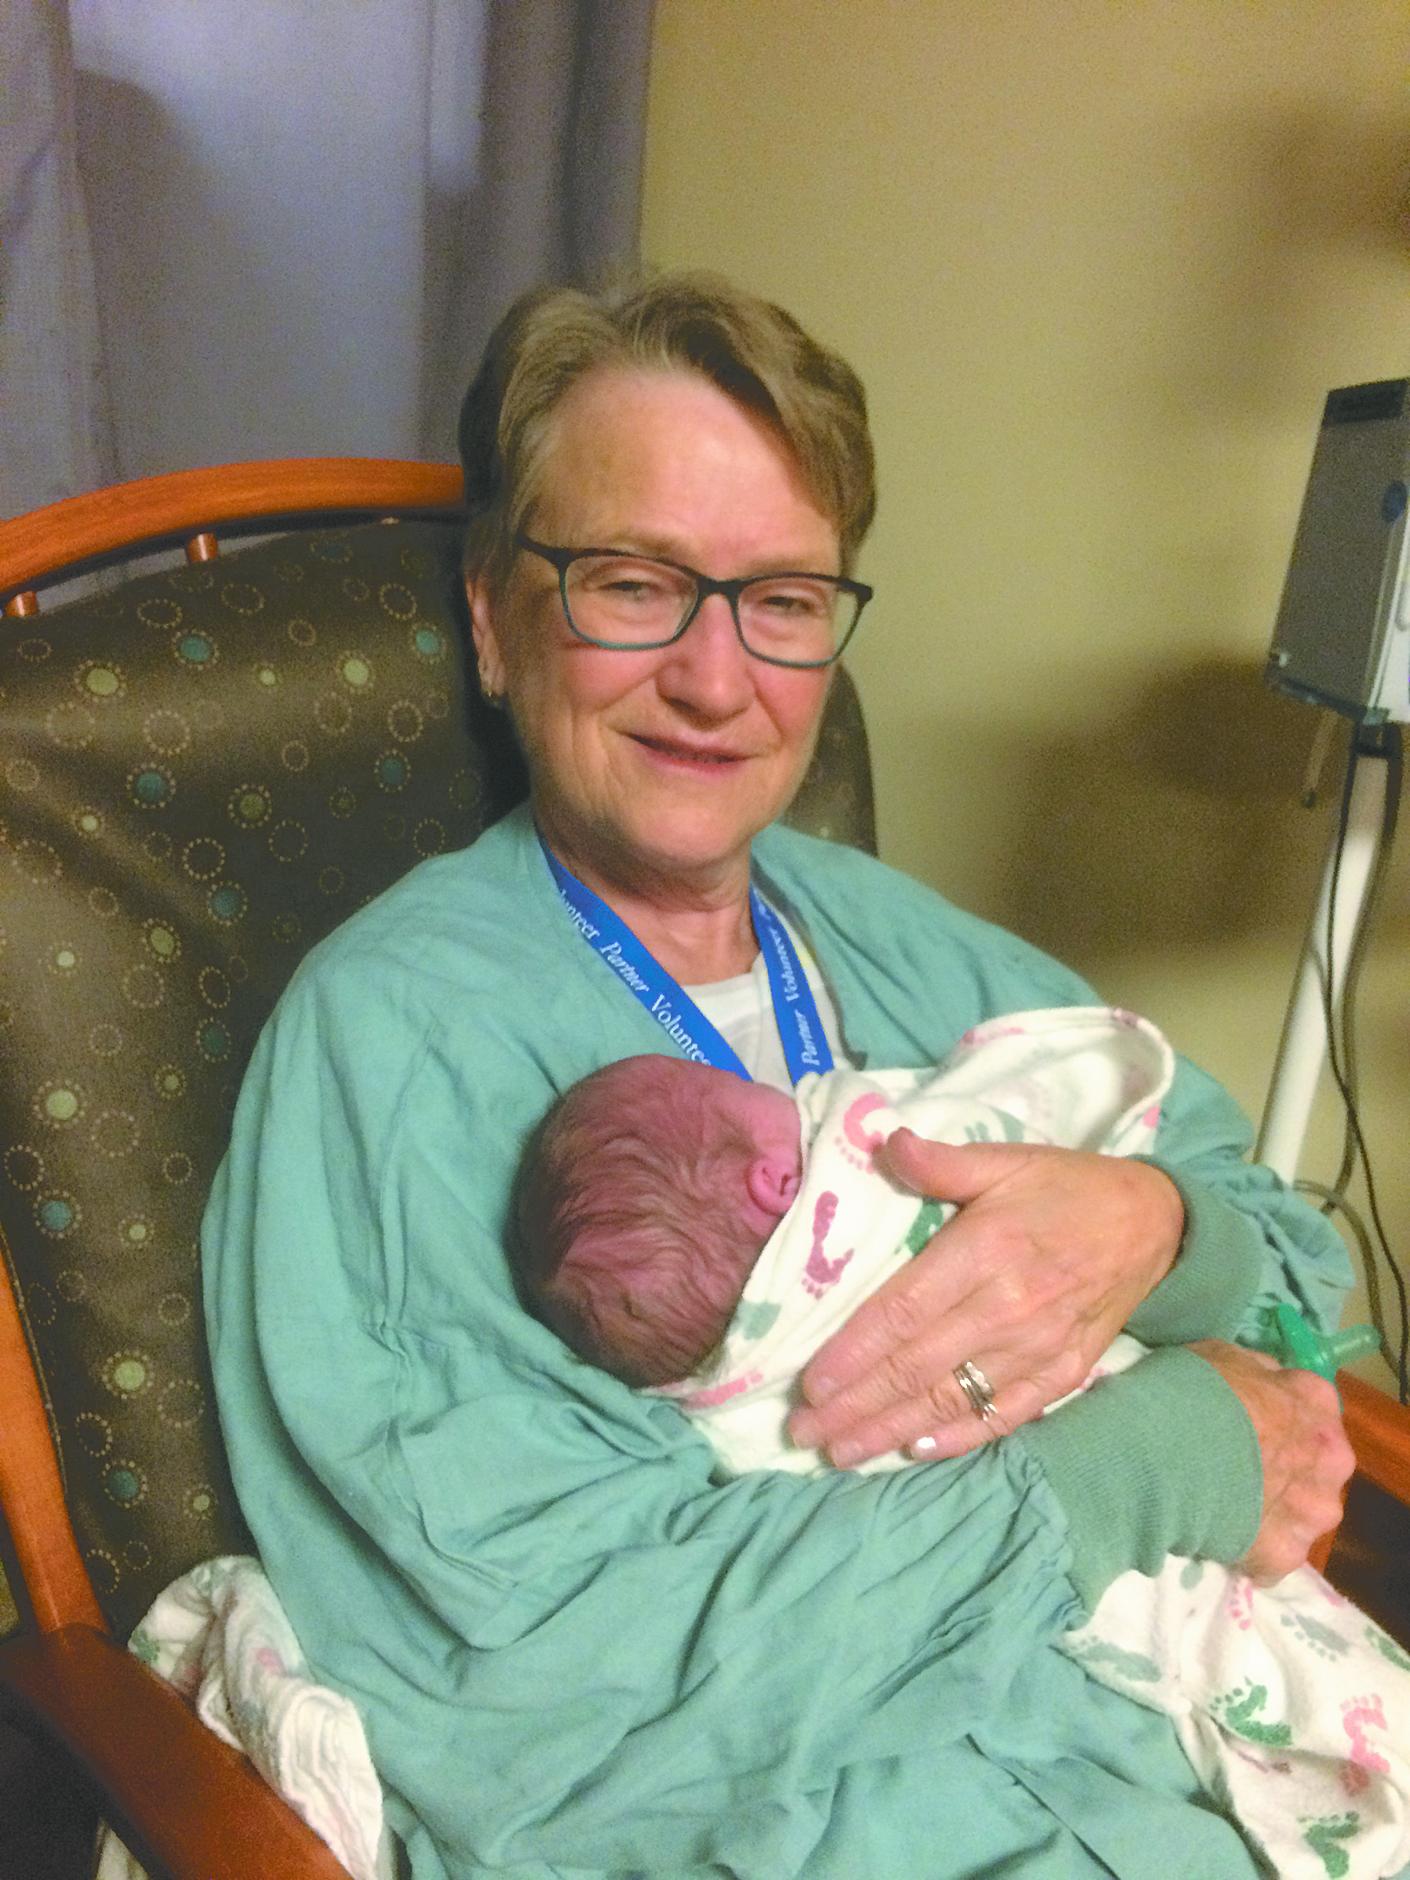 Newborn Treatment